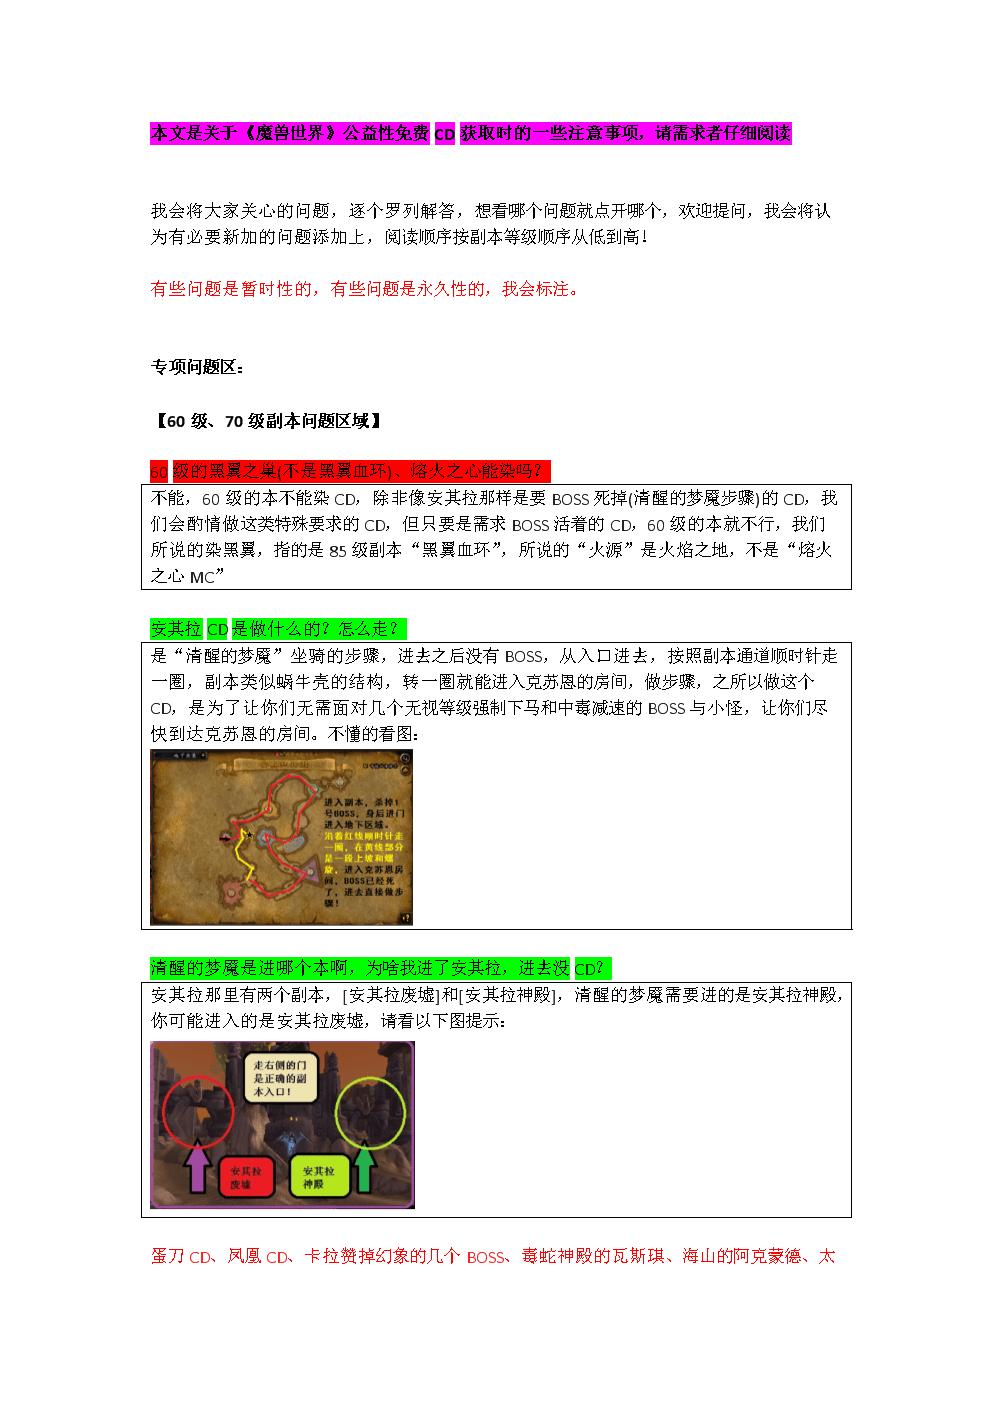 魔兽世界 关于染免费CD的注意事项解答.docx